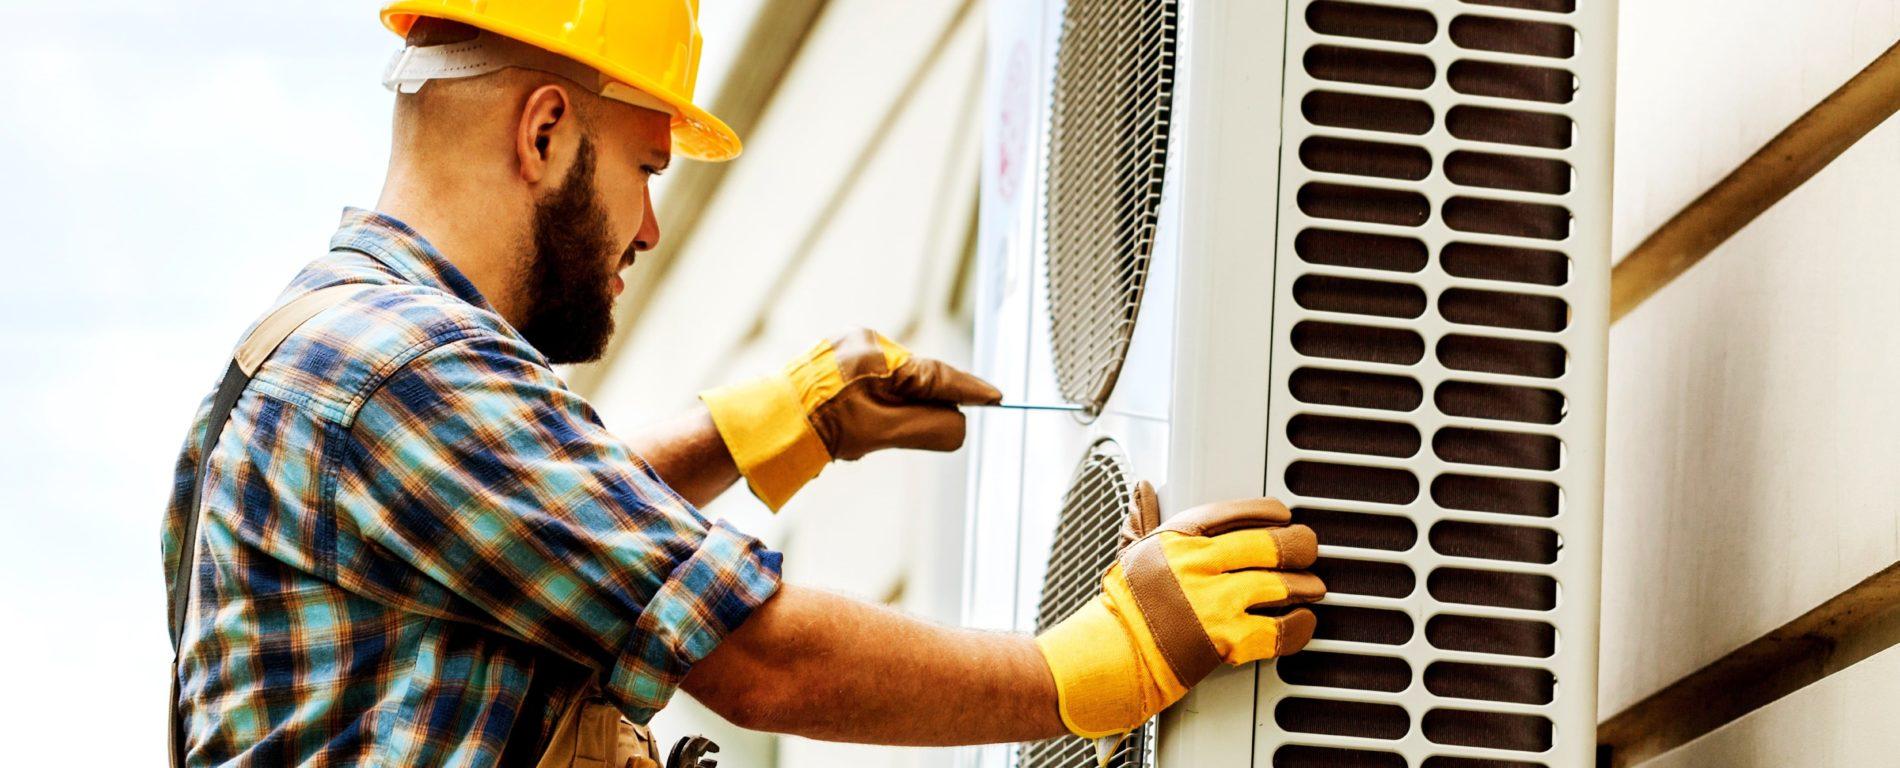 Installation remplacement d'une chaudière au fioul par une pompe à chaleur PAC air eau